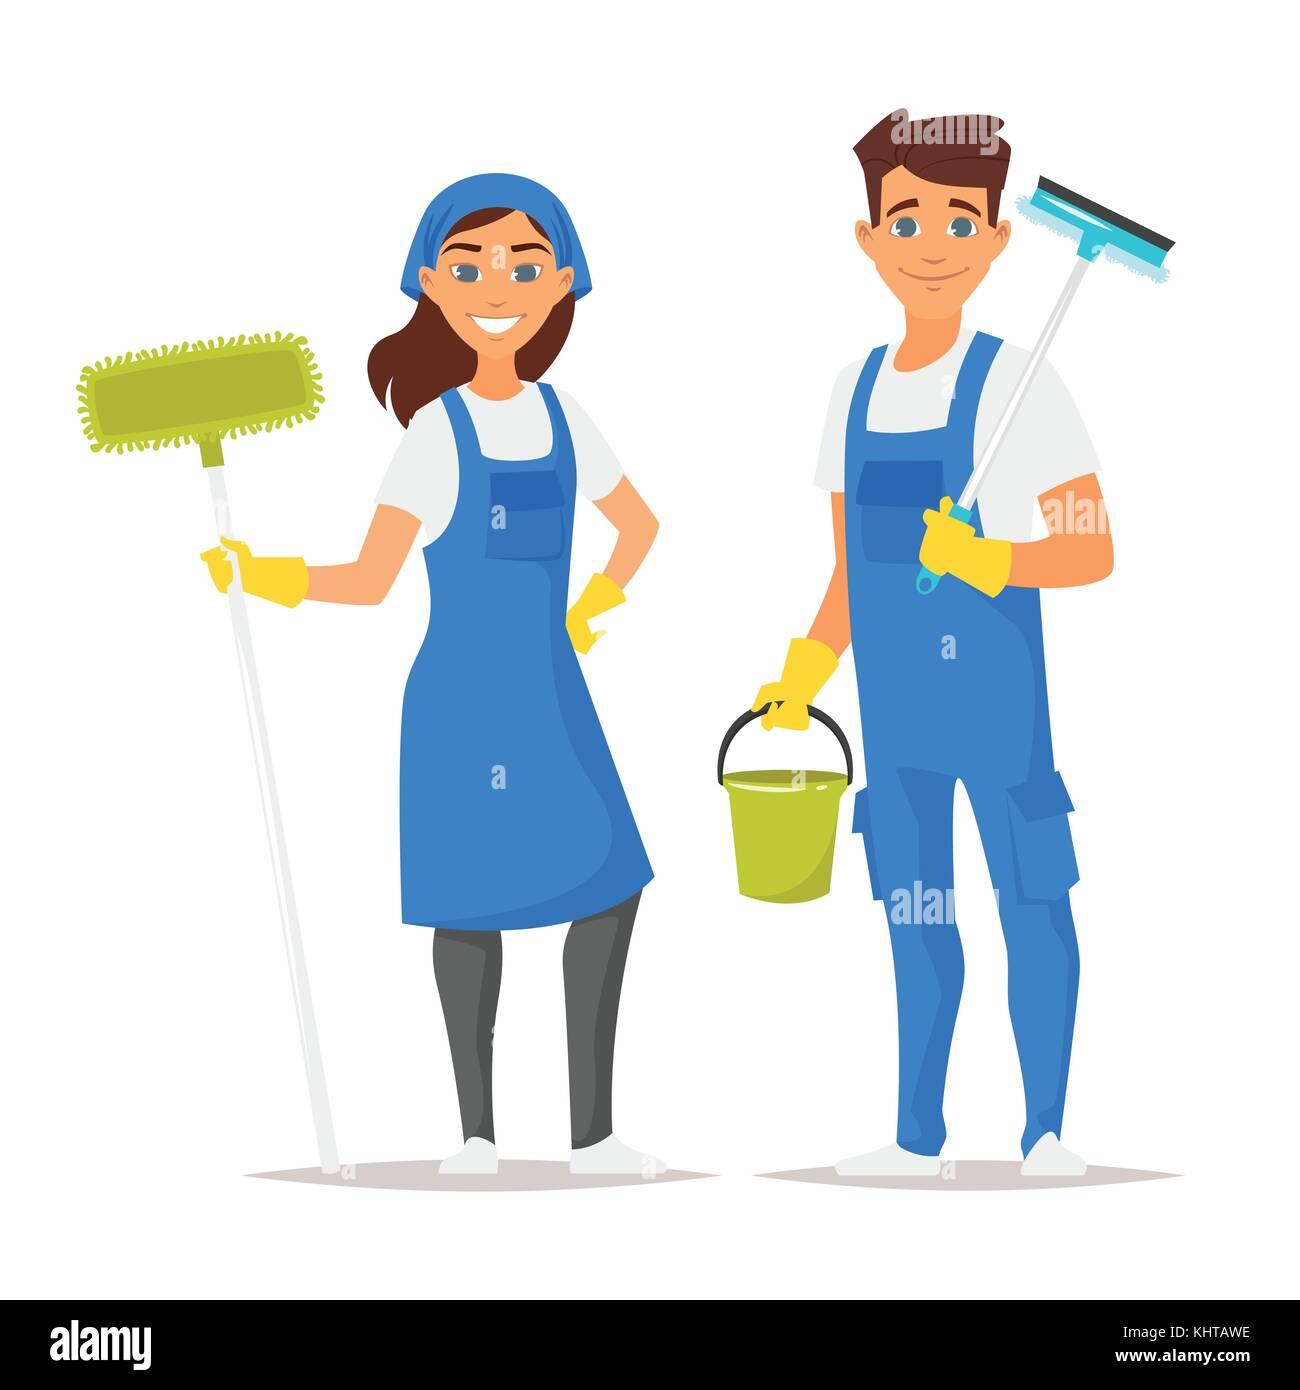 Estilo de dibujos animados de vectores ilustraci n del - Imagenes de limpieza de casas ...